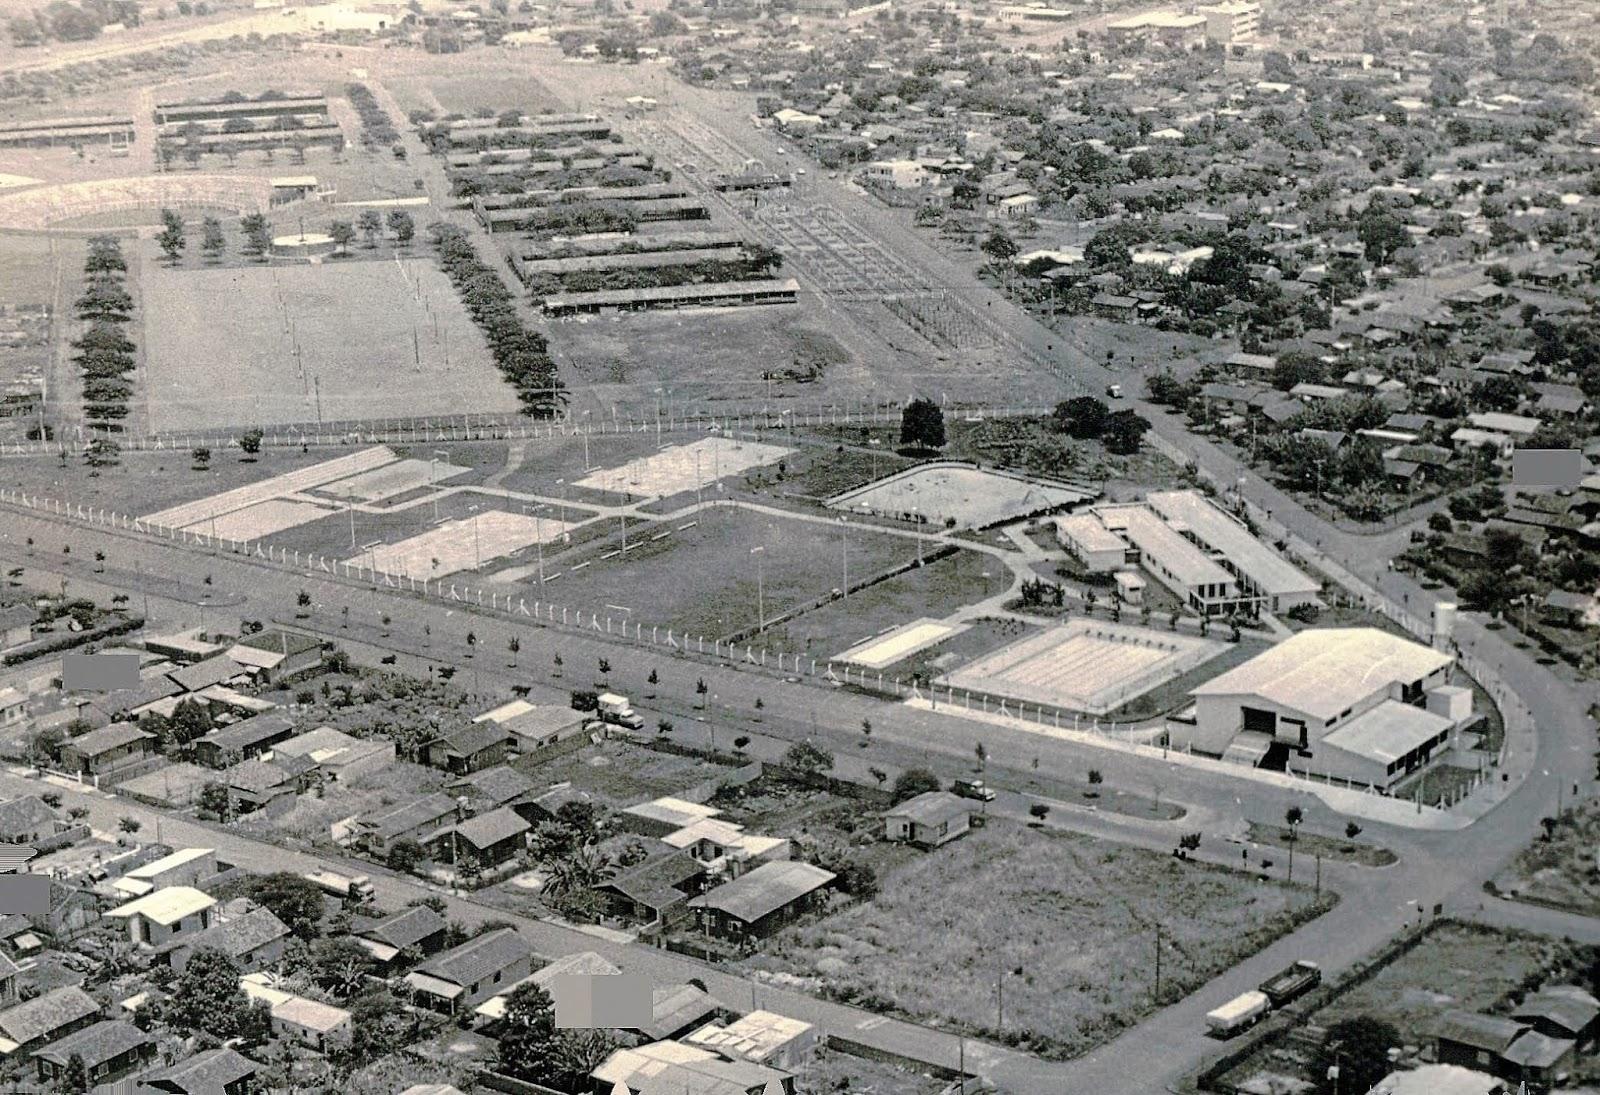 Centro Social Urbano - Início dos anos 1980